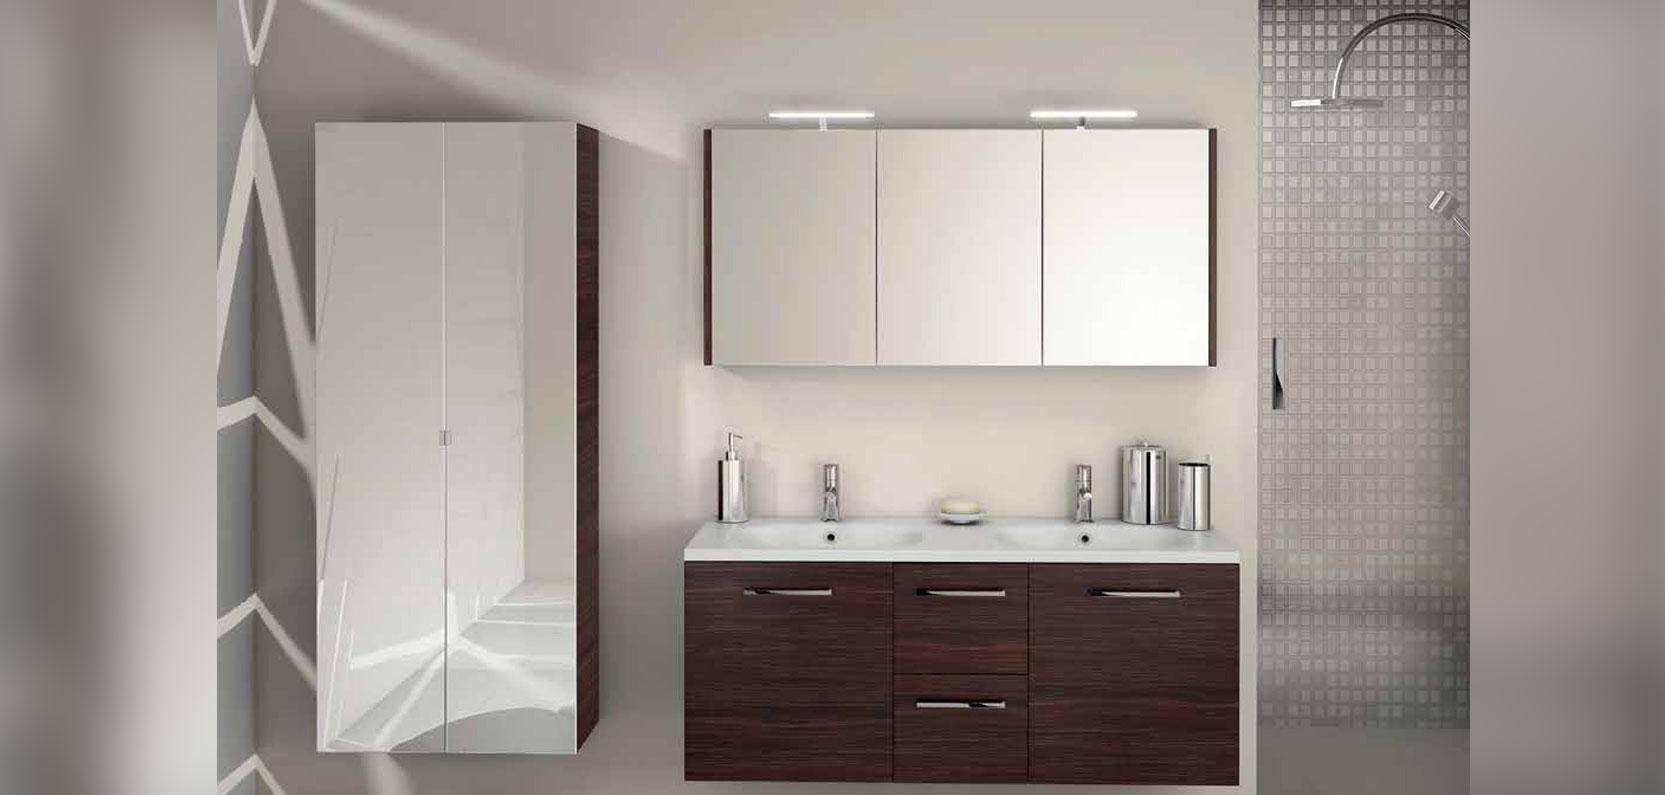 salles de bain - Tuyauterie Salle De Bain